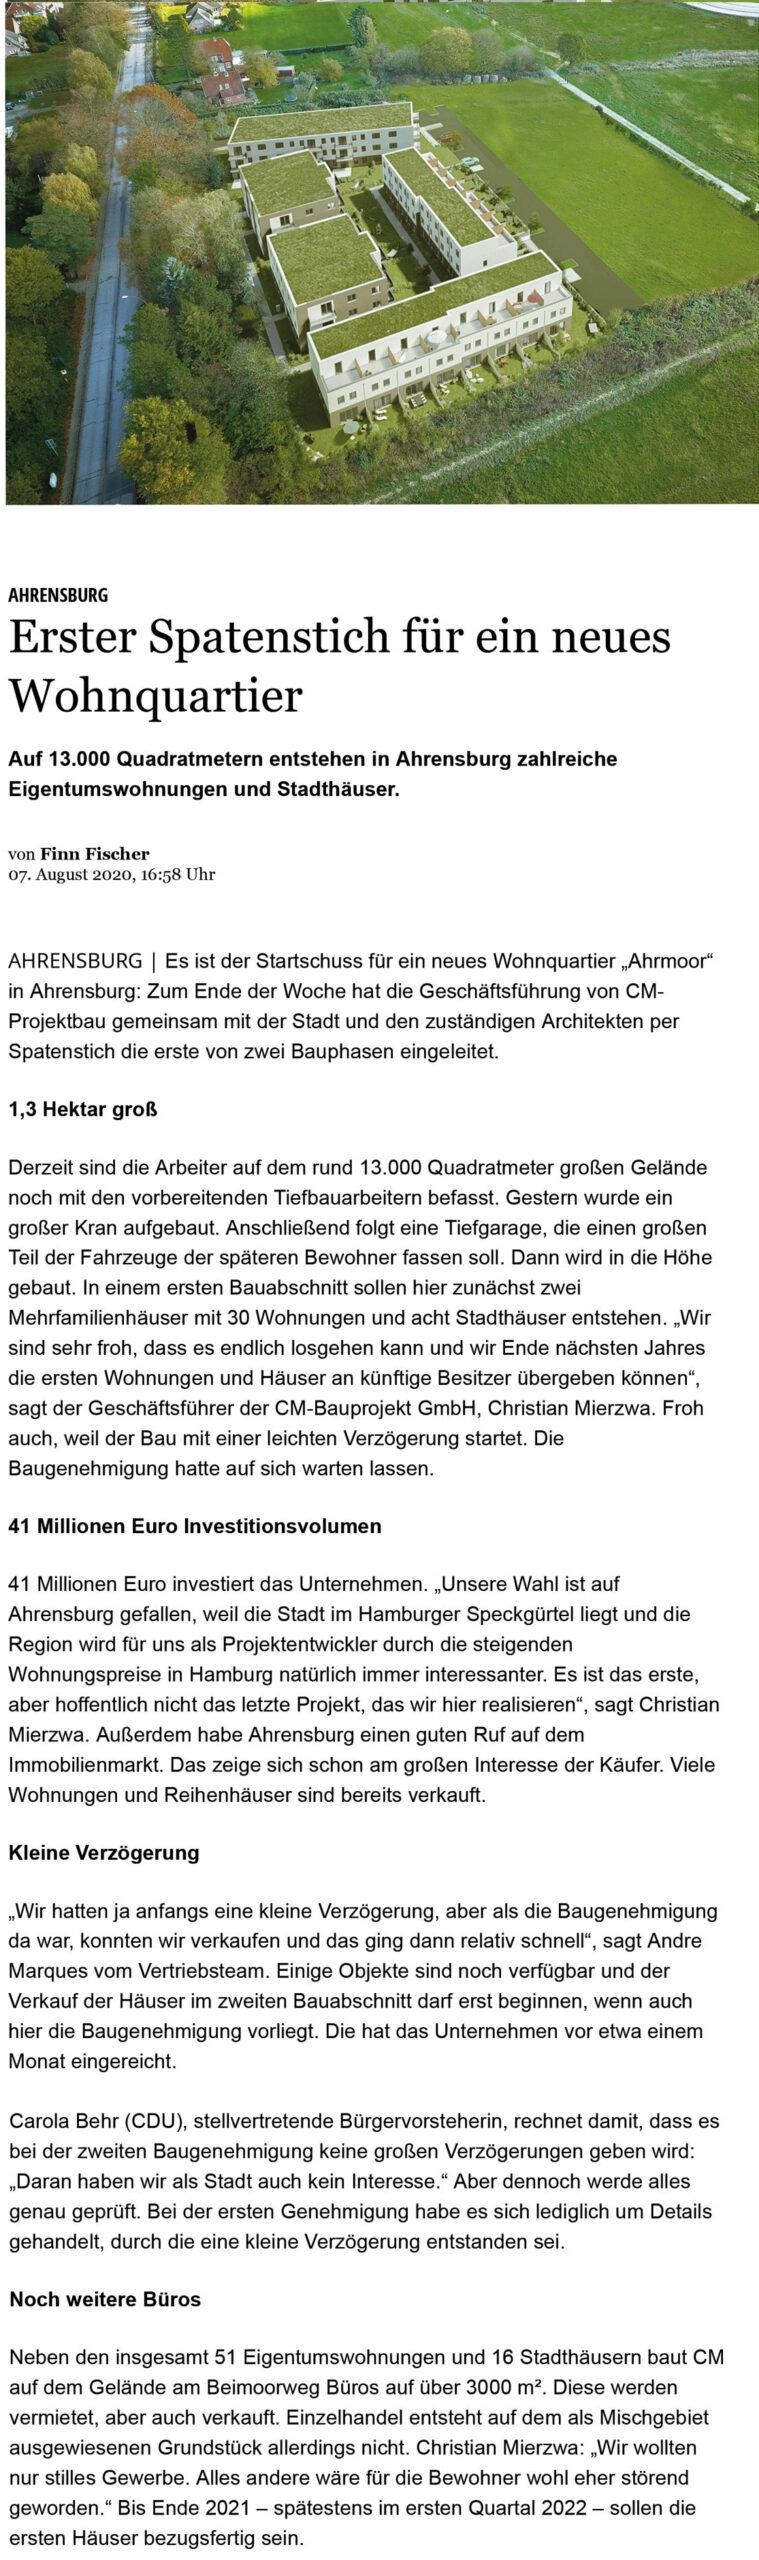 https://www.cm-projektbau.de/wp-content/uploads/2020/10/2020-08-07-shz-online-erster-spatenstich-fuer-ein-neues-wohnquartier-id29215937-1-2-scaled.jpg